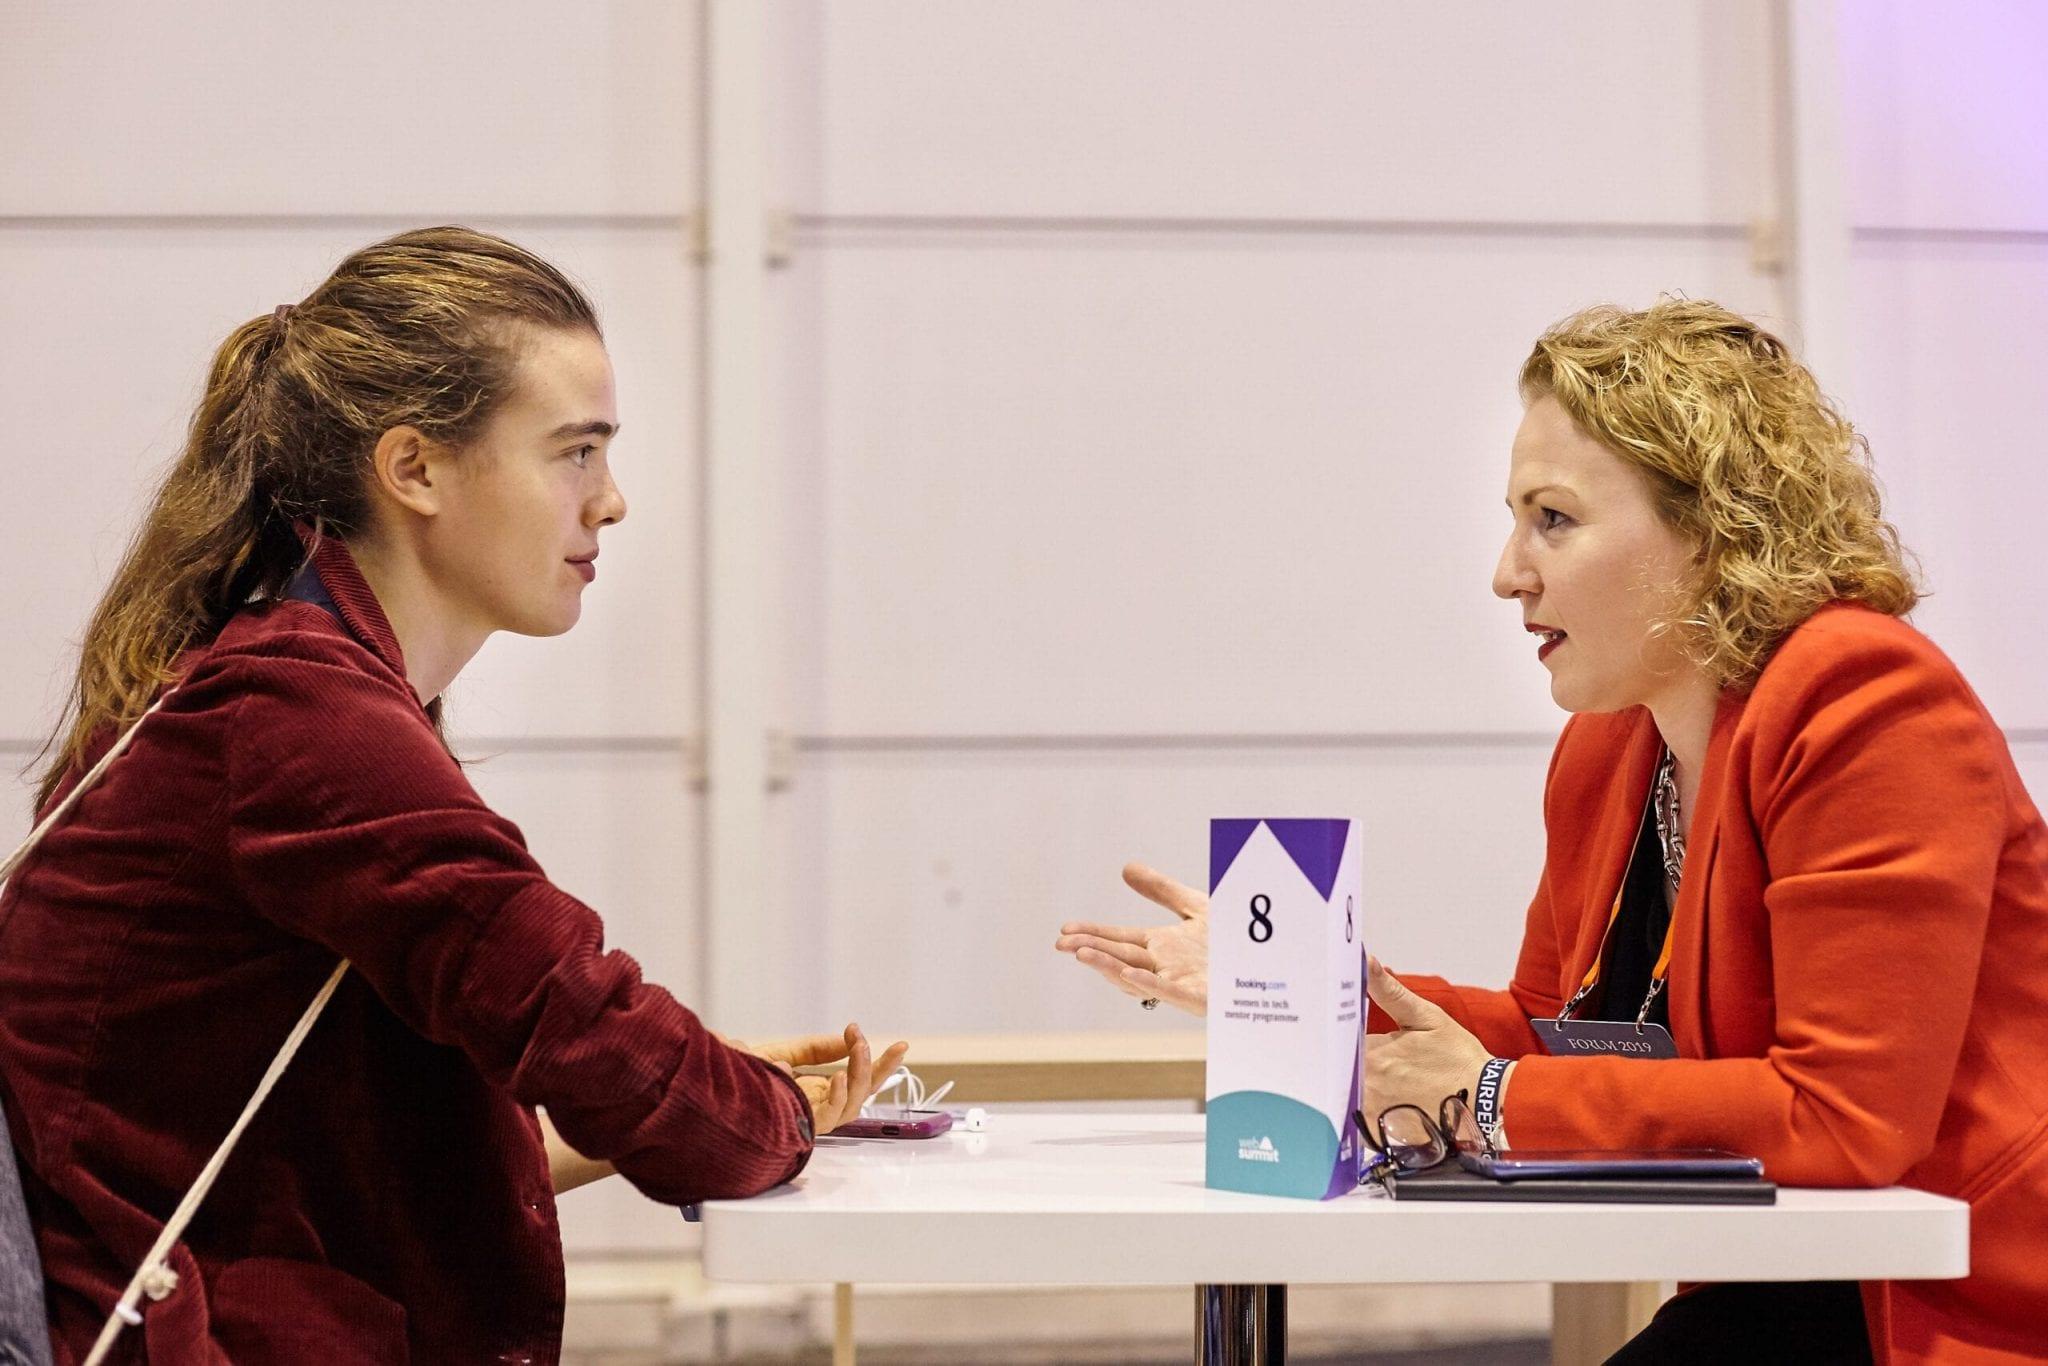 Women in Tech Mentorship